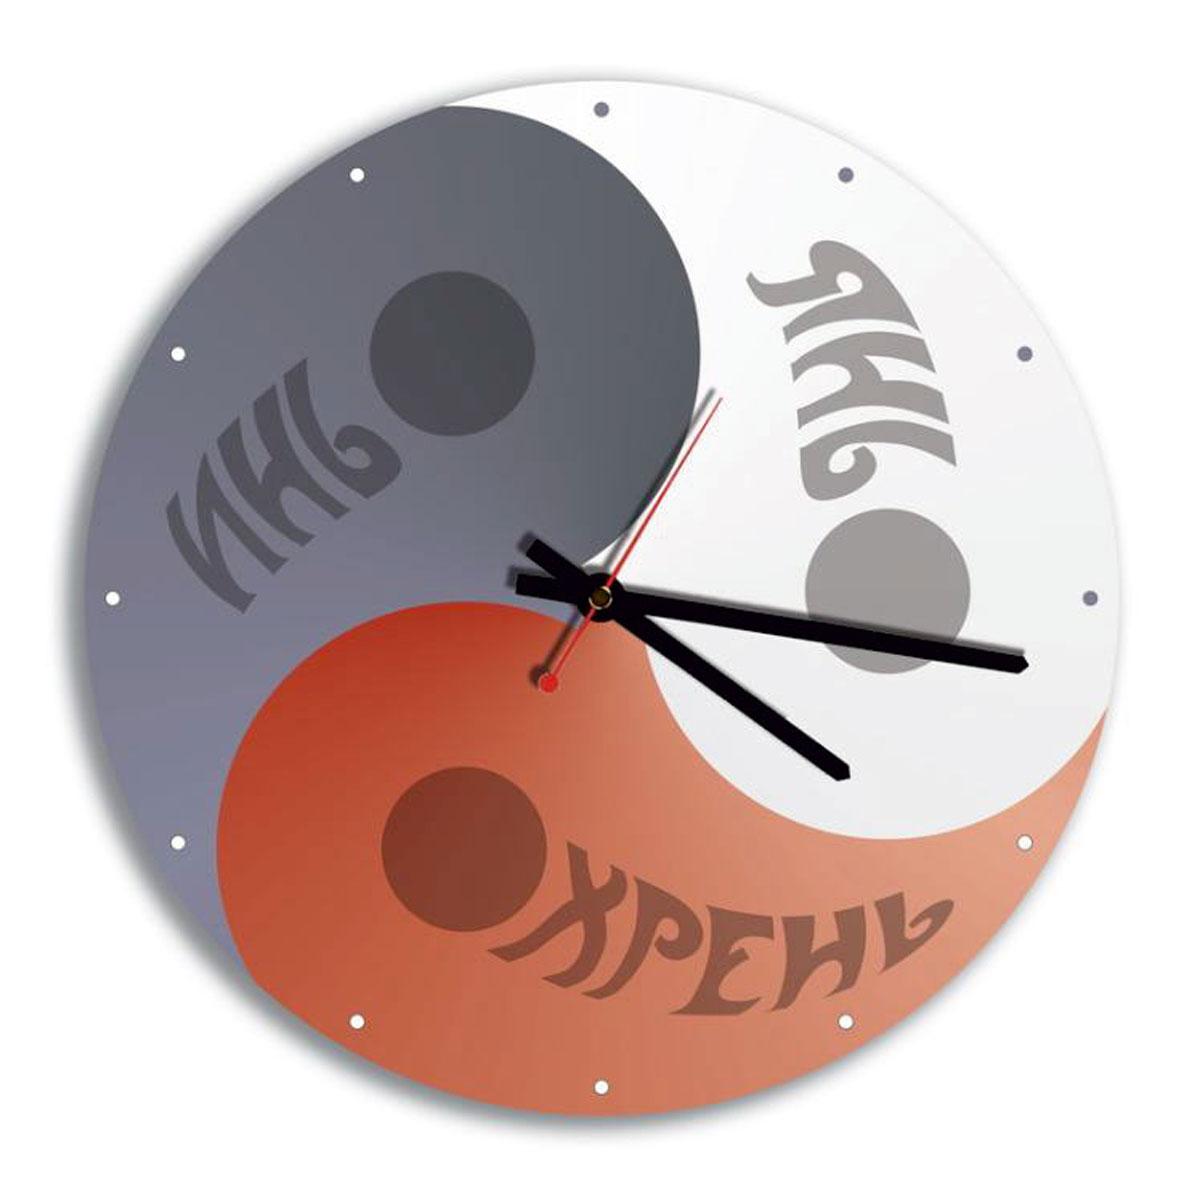 Часы настенные Miolla Инь-Янь94672Оригинальные настенные часы круглой формы выполнены из закаленного стекла. Часы имеют три стрелки - часовую, минутную и секундную и циферблат с цифрами. Необычное дизайнерское решение и качество исполнения придутся по вкусу каждому.Диаметр часов: 28 см.Часы работают от 1 батарейки типа АА напряжением 1,5 В.